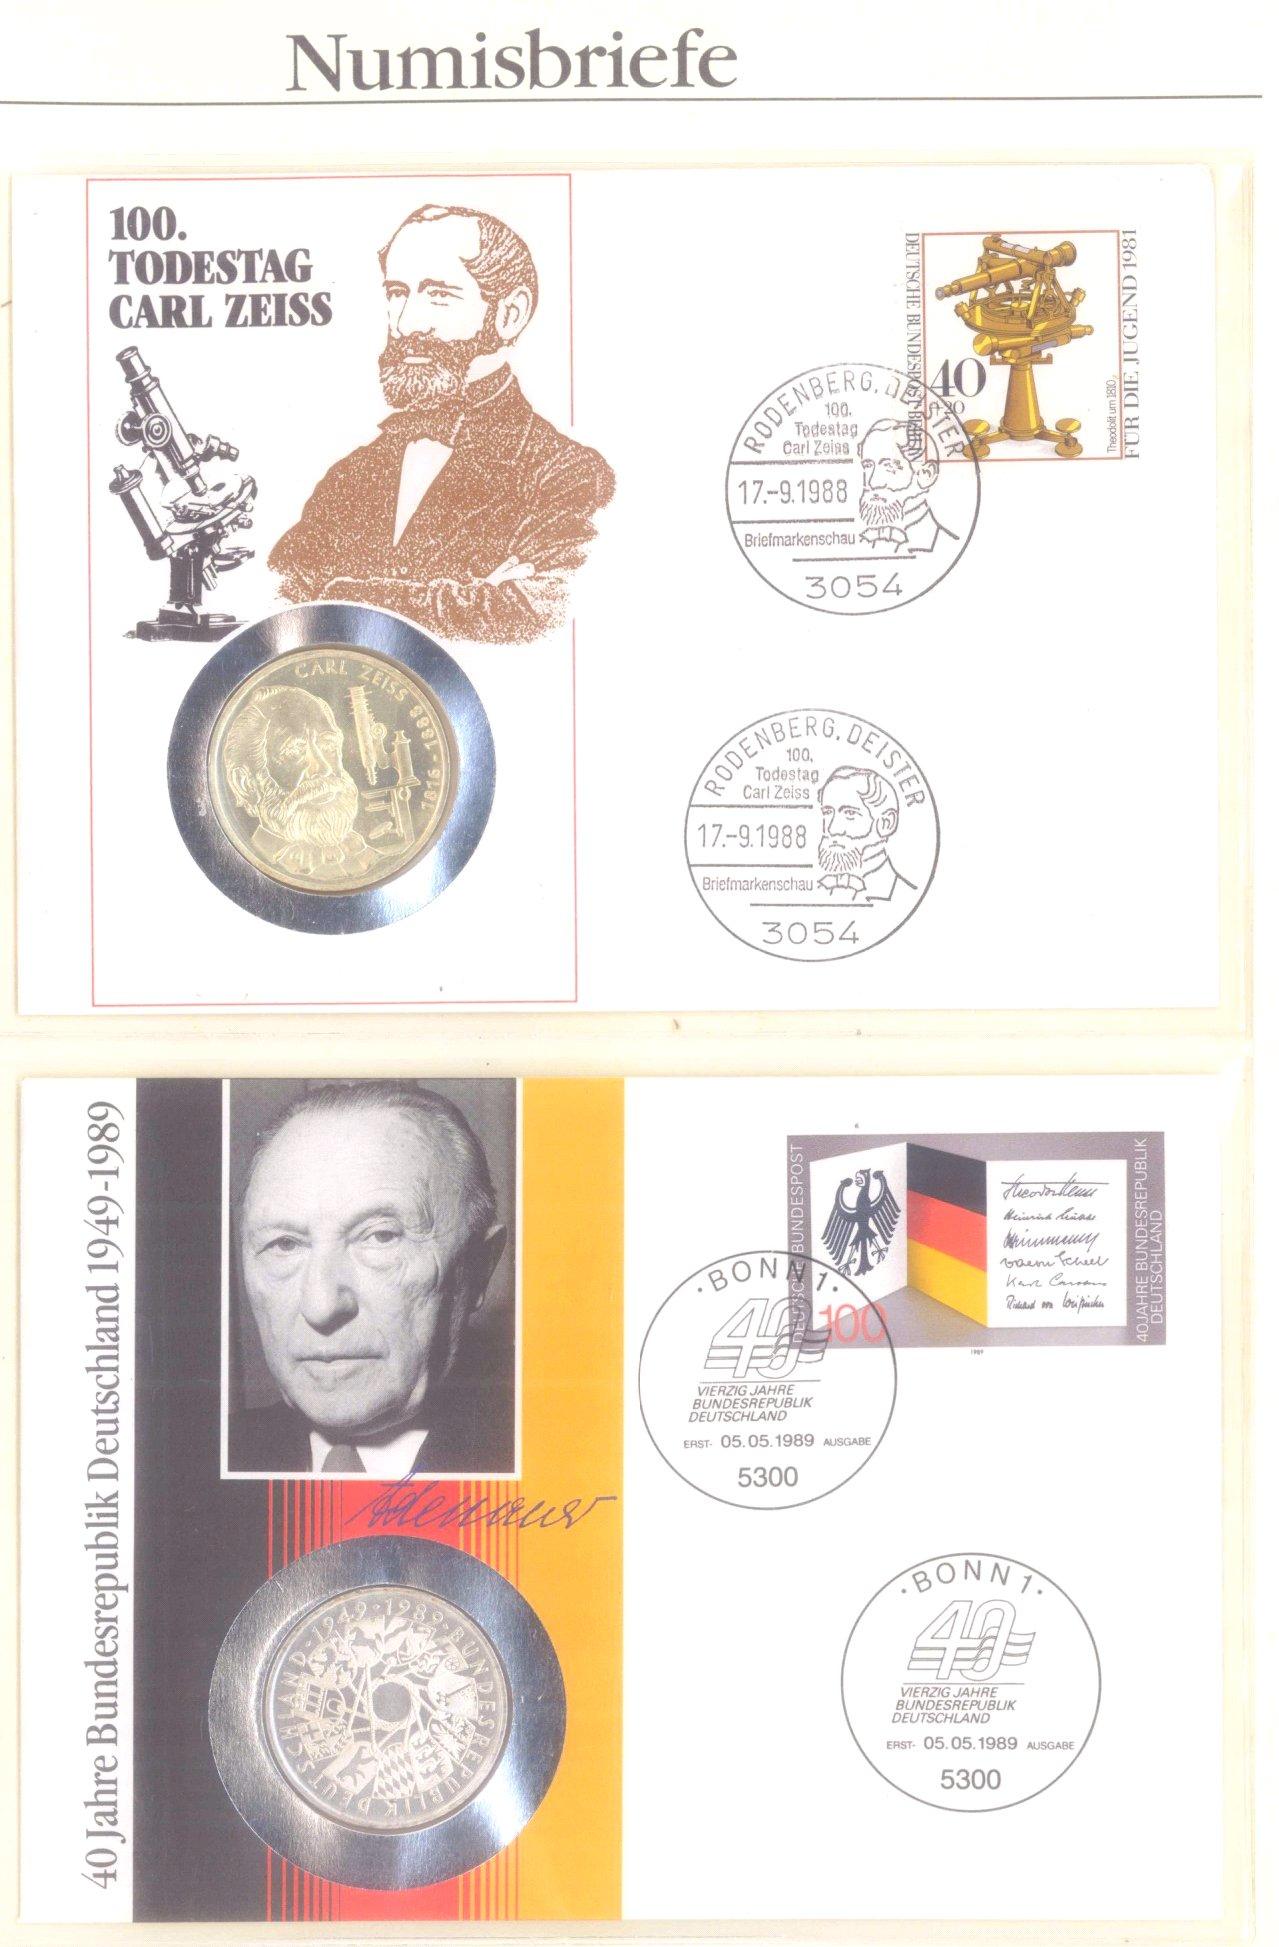 Sammlung Numisbriefe-11